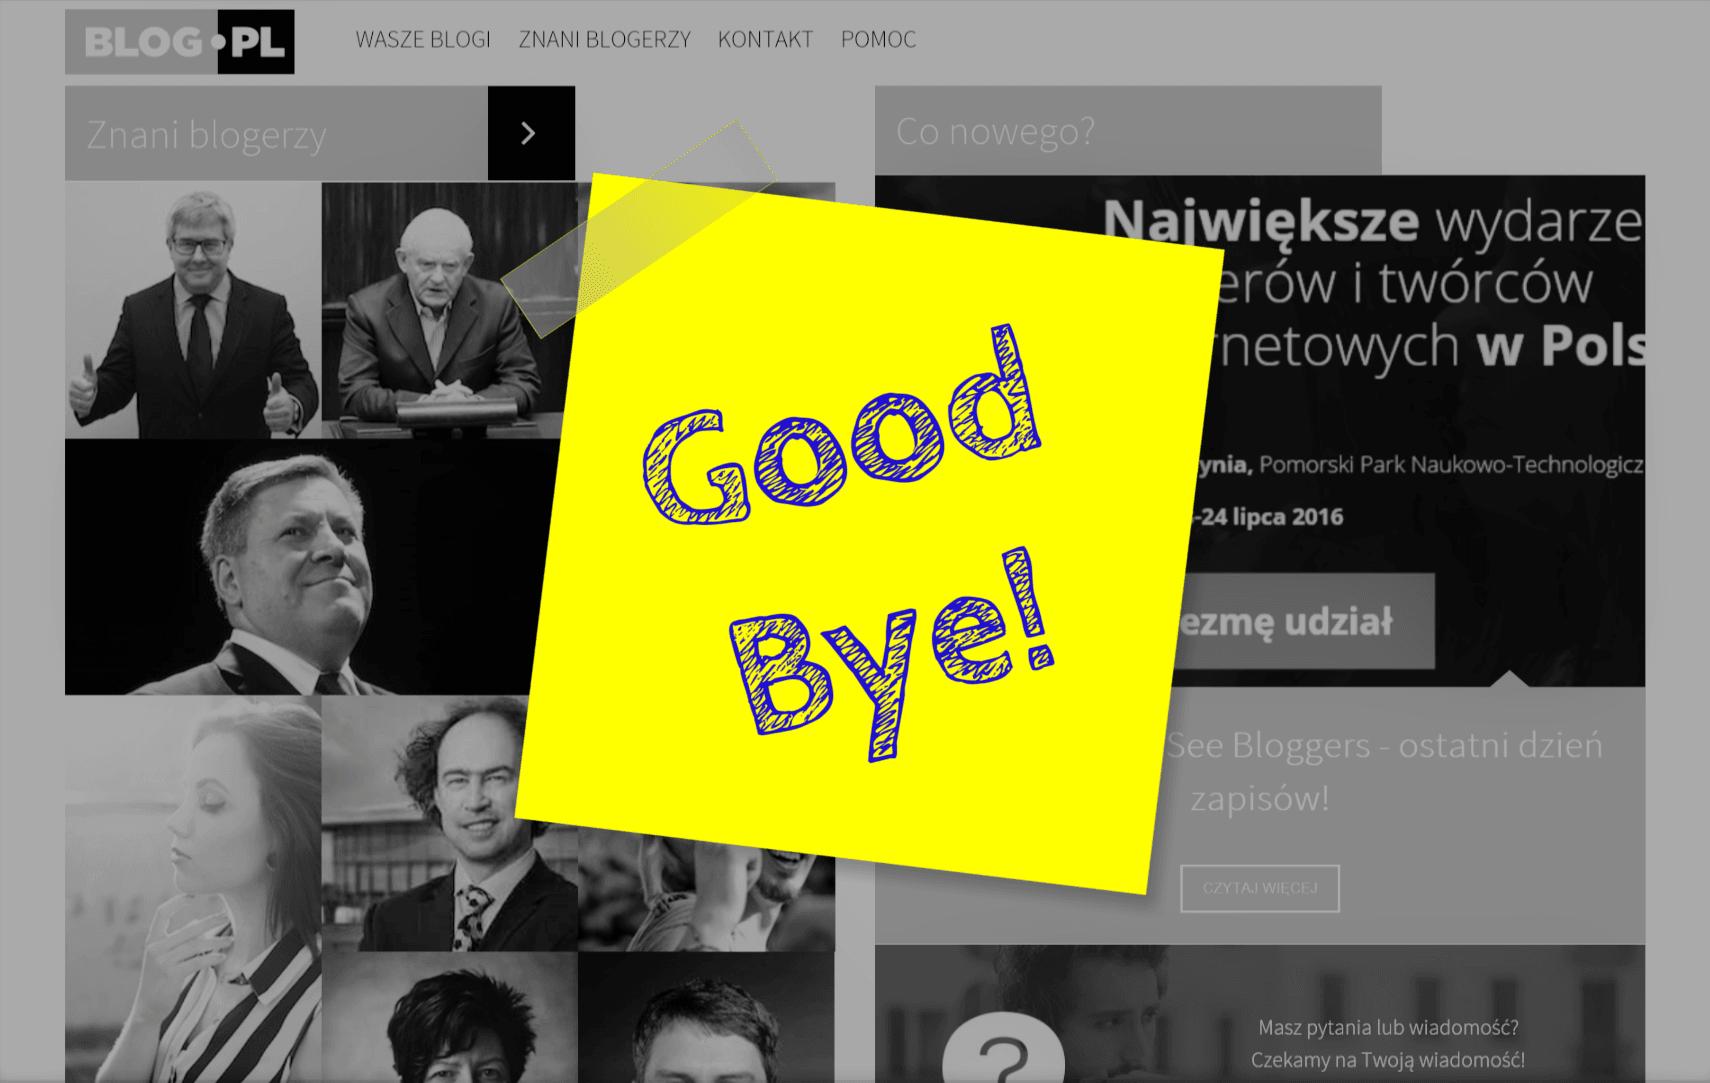 Tabletowo.pl Blog.pl się kończy. Onet zamknie serwis w styczniu 2018 roku Wydarzenia